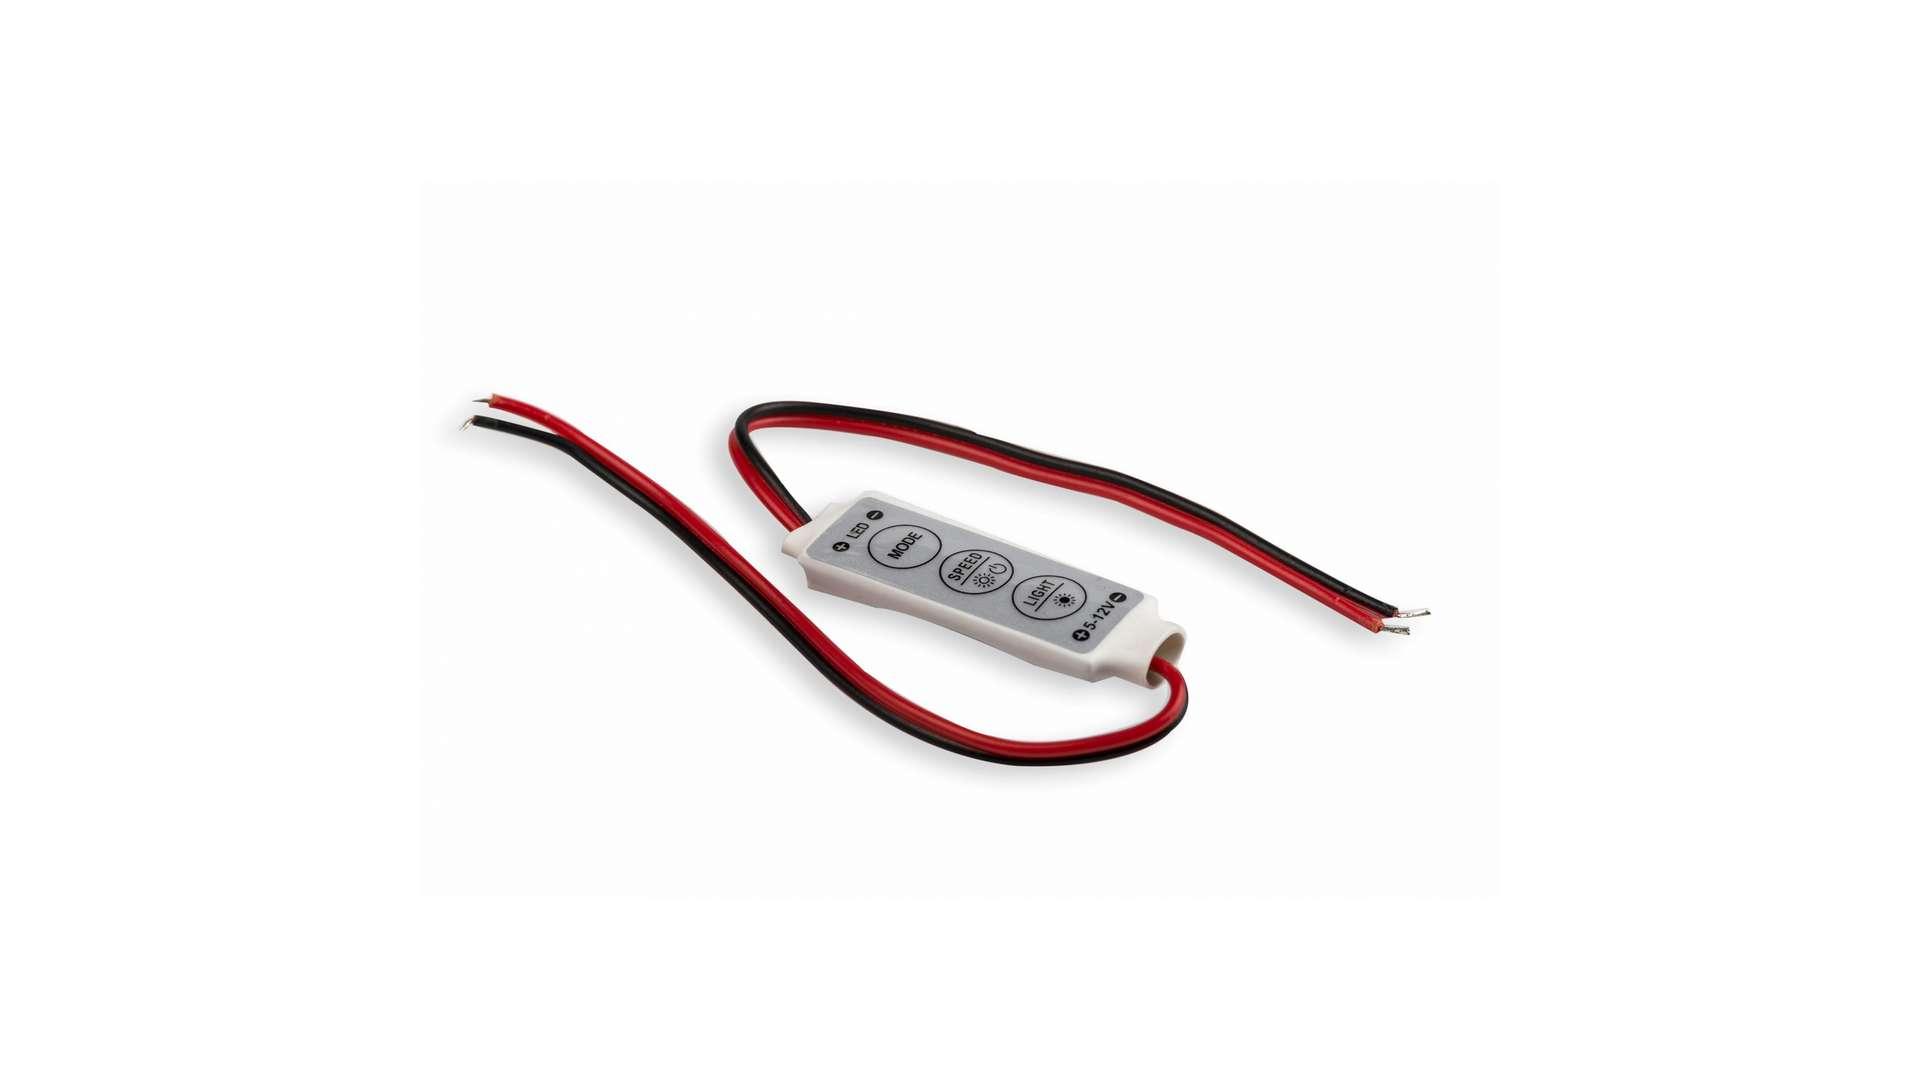 Ściemniacz LED 72W 6A 12V DC 3 przyciski manualny